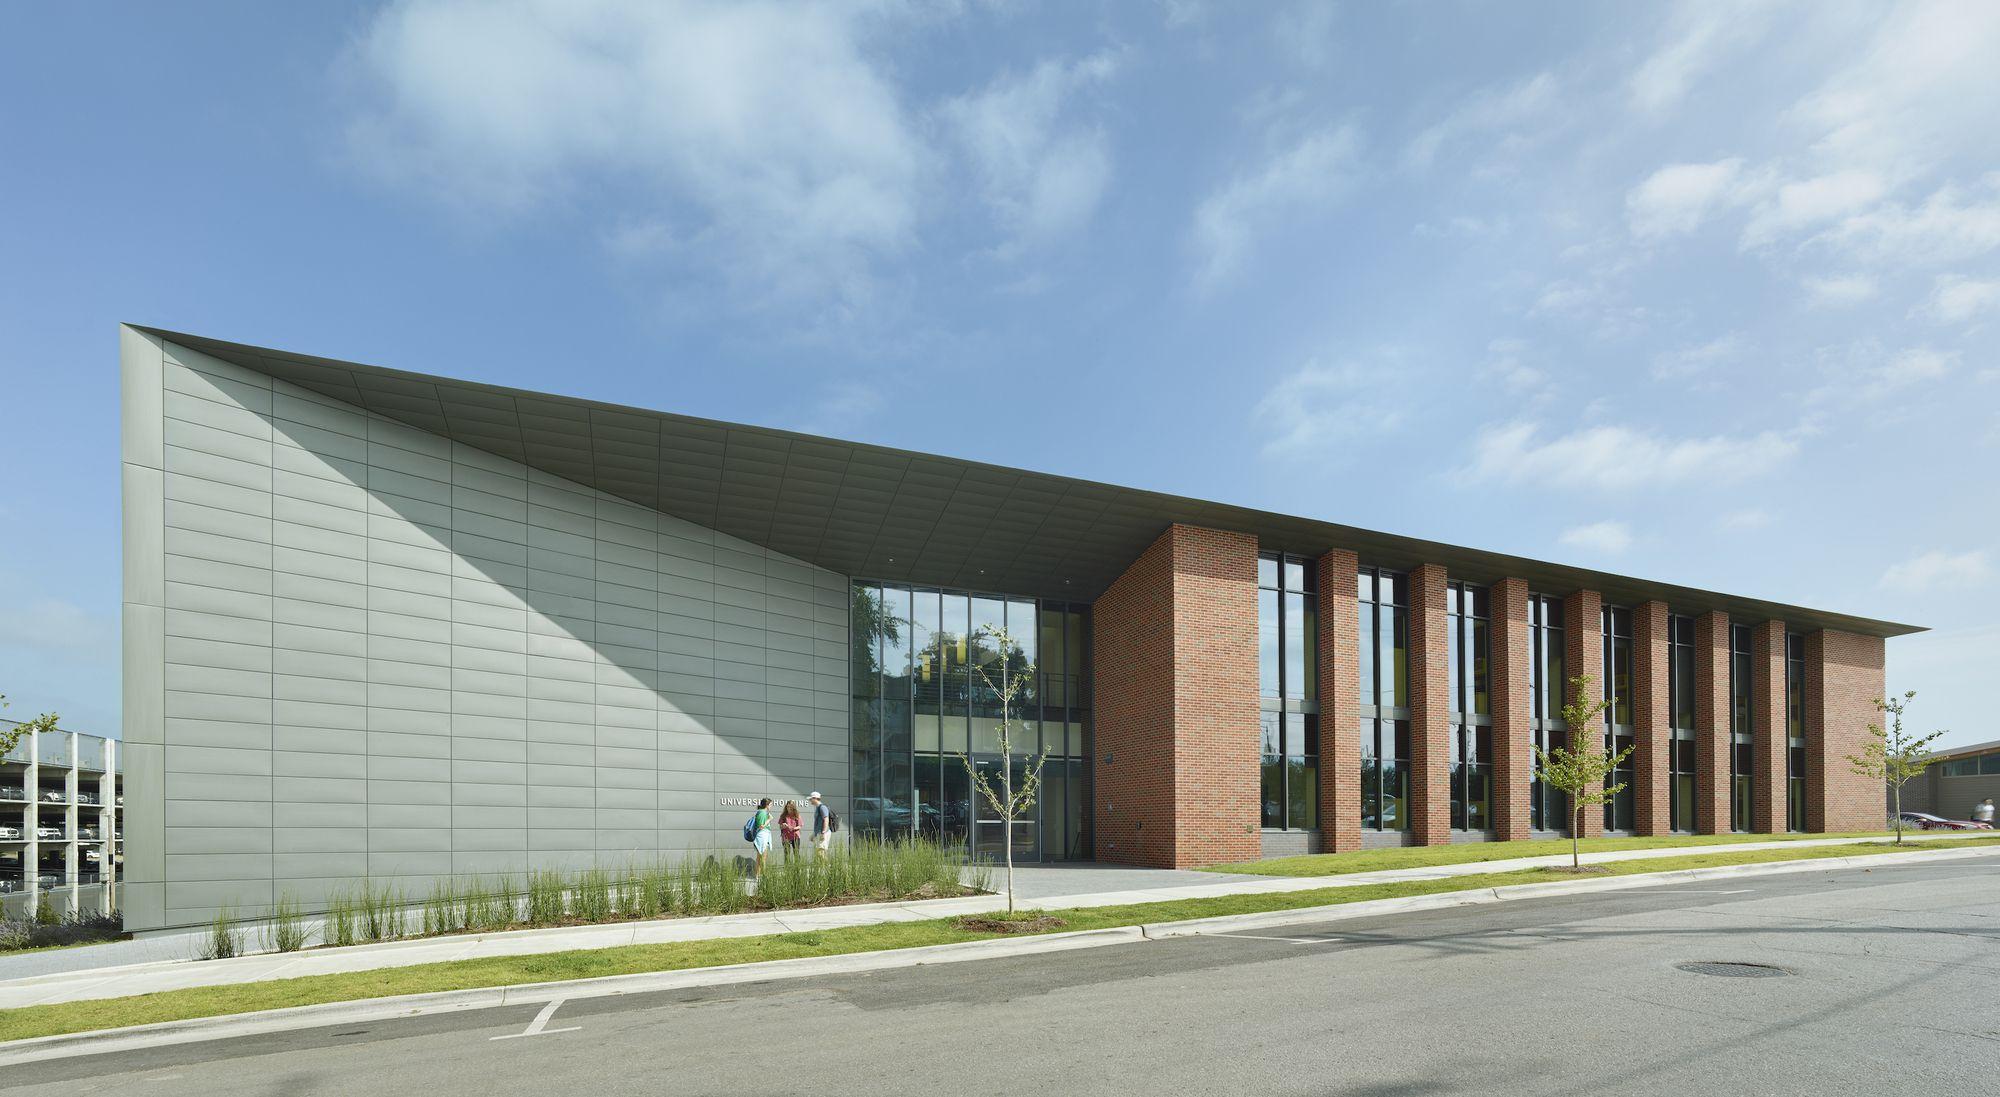 University Of Arkansas University Housing Polk Stanley Wilcox Architects University Architecture Architecture Facade Architecture